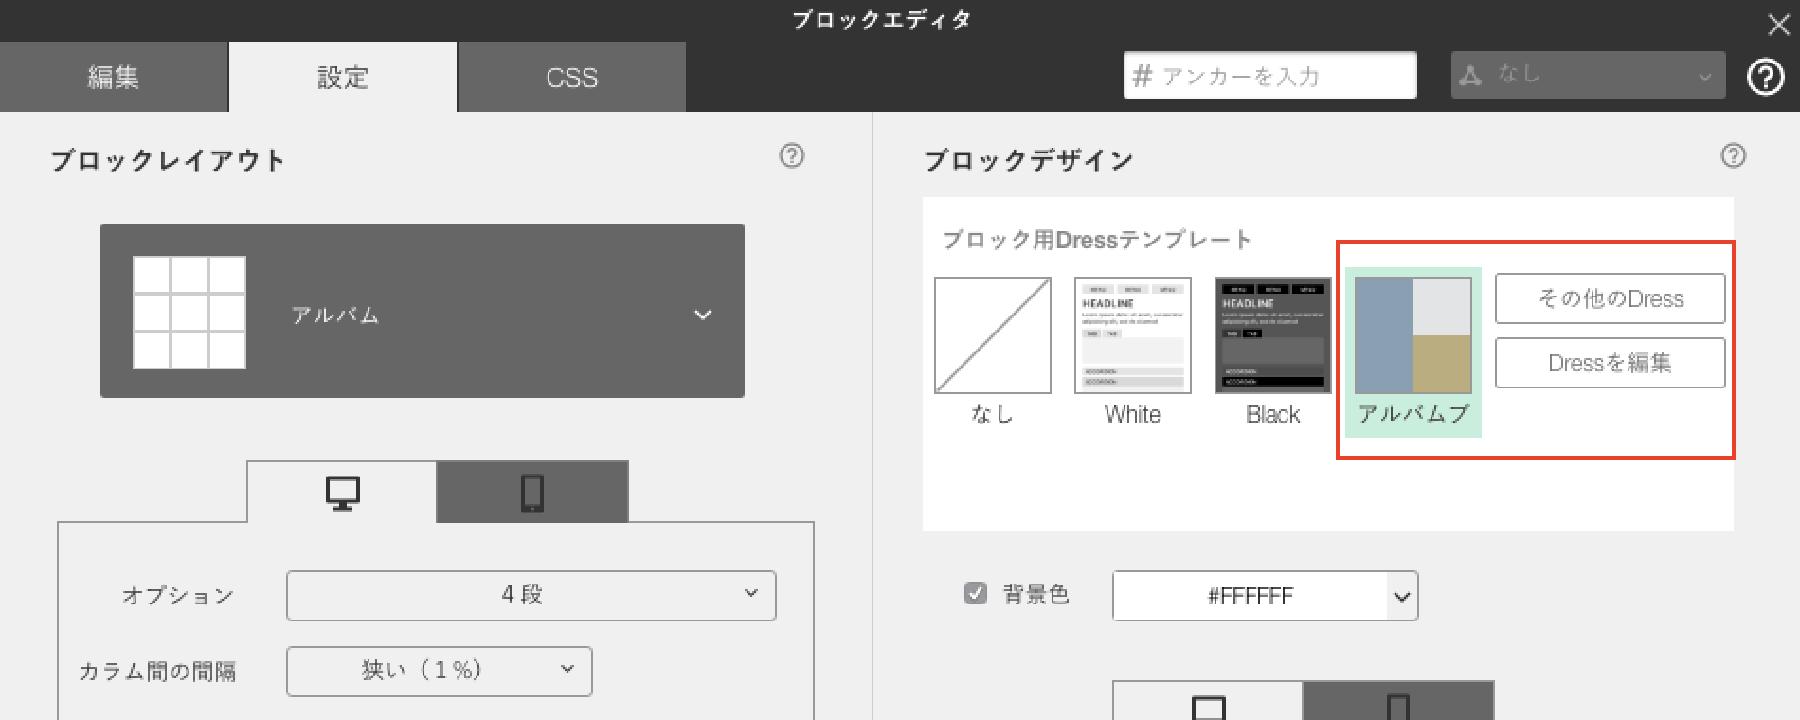 ブロック単位のDressで使える、タブやアルバムのデザインを提供!